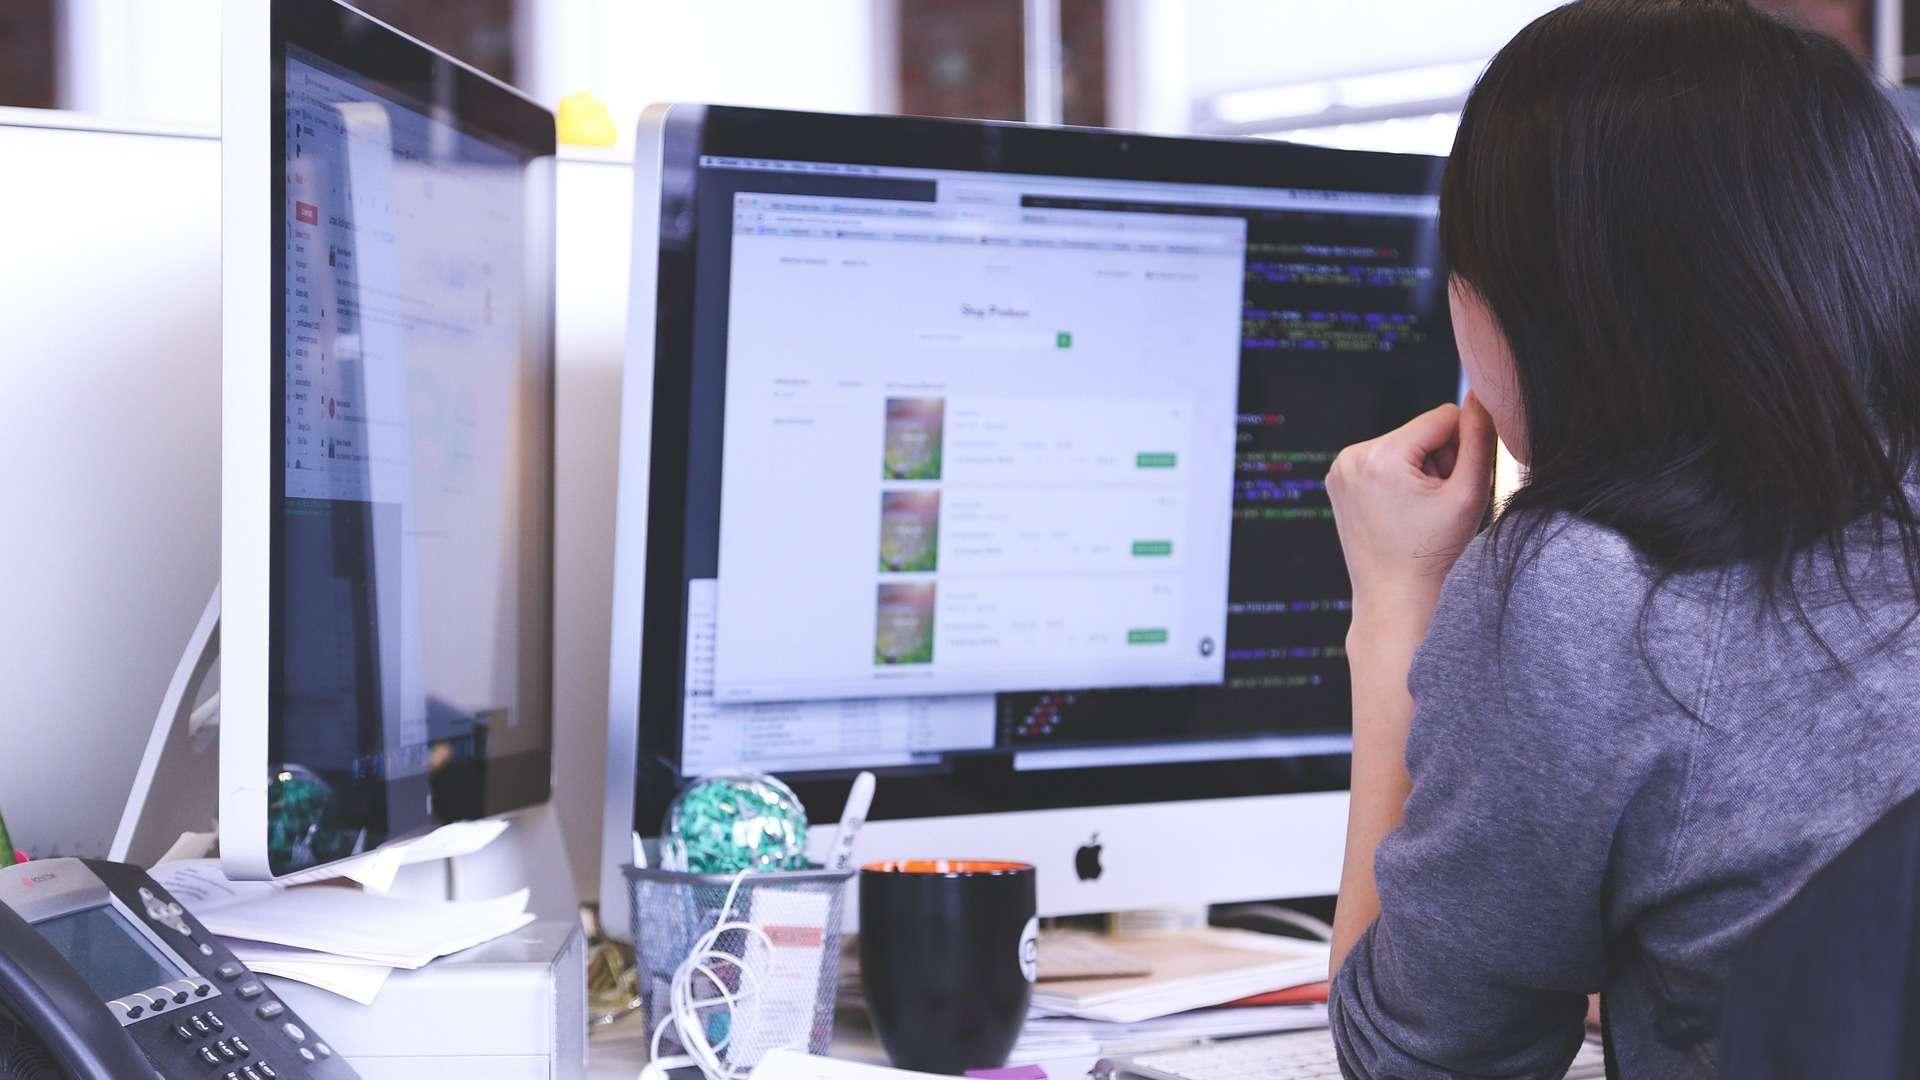 Ein Frau sitzt an einem Schreibtisch vor zwei iMacs und arbeitet